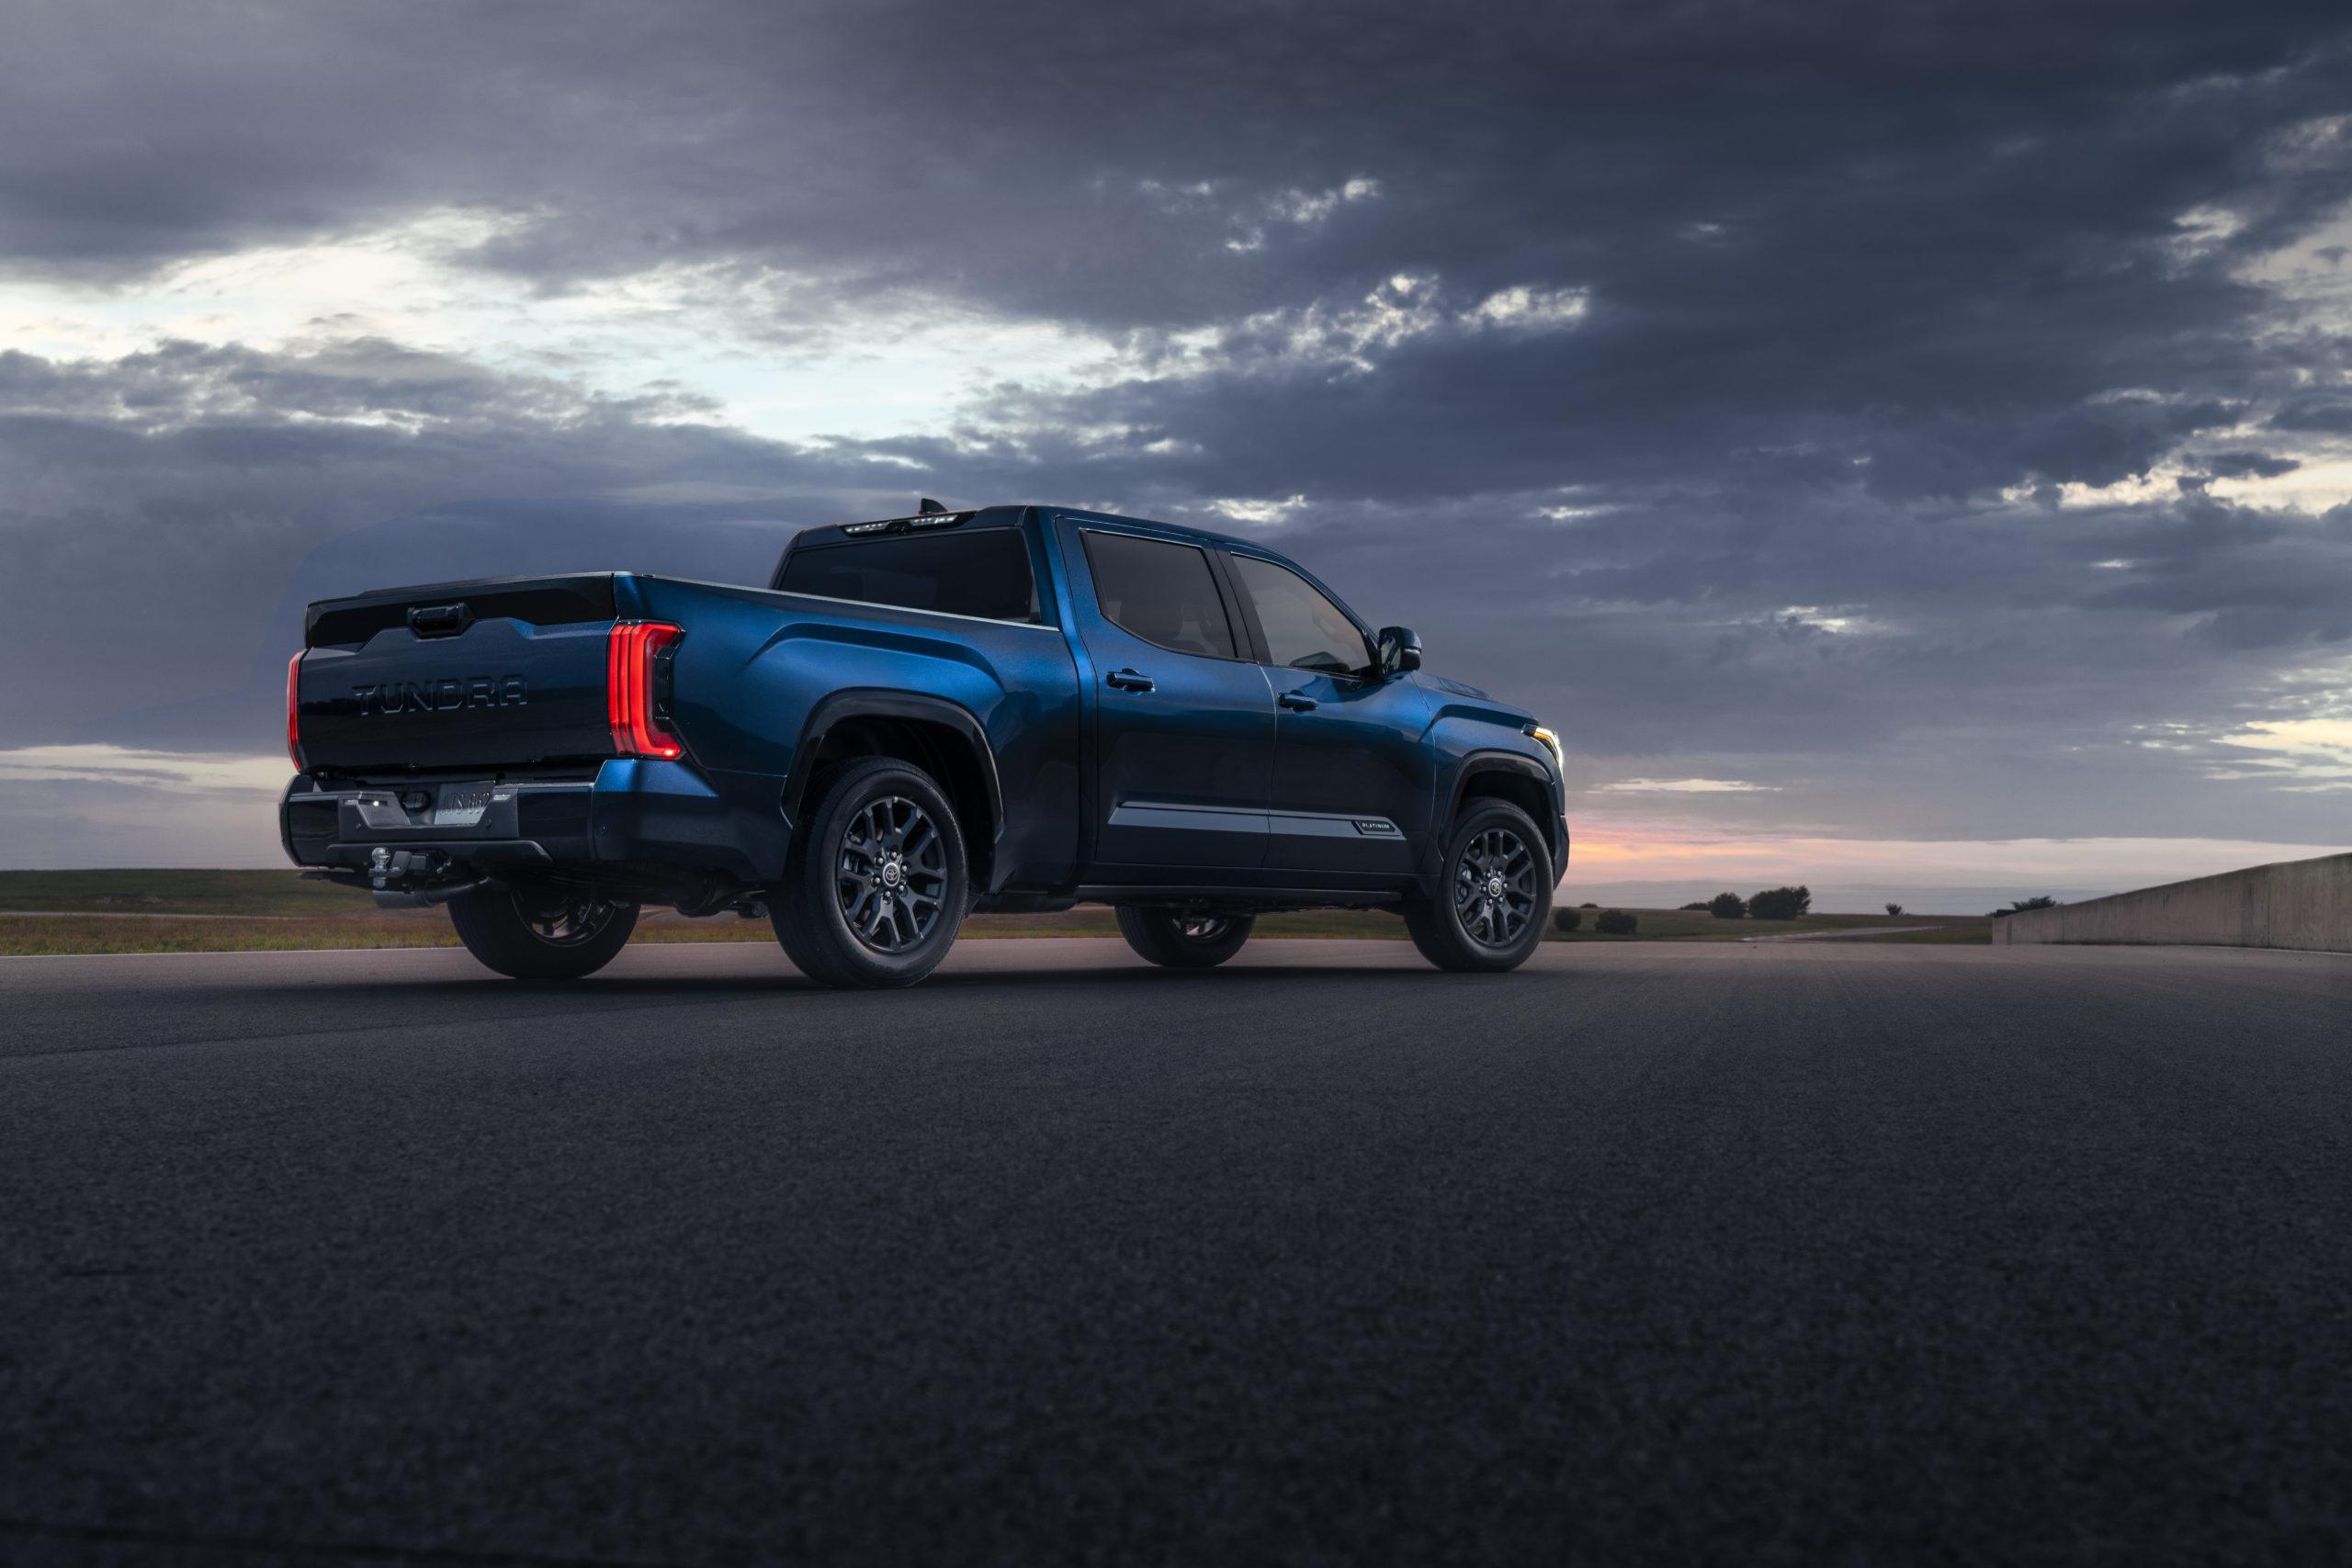 2022 Toyota Tundra exterior